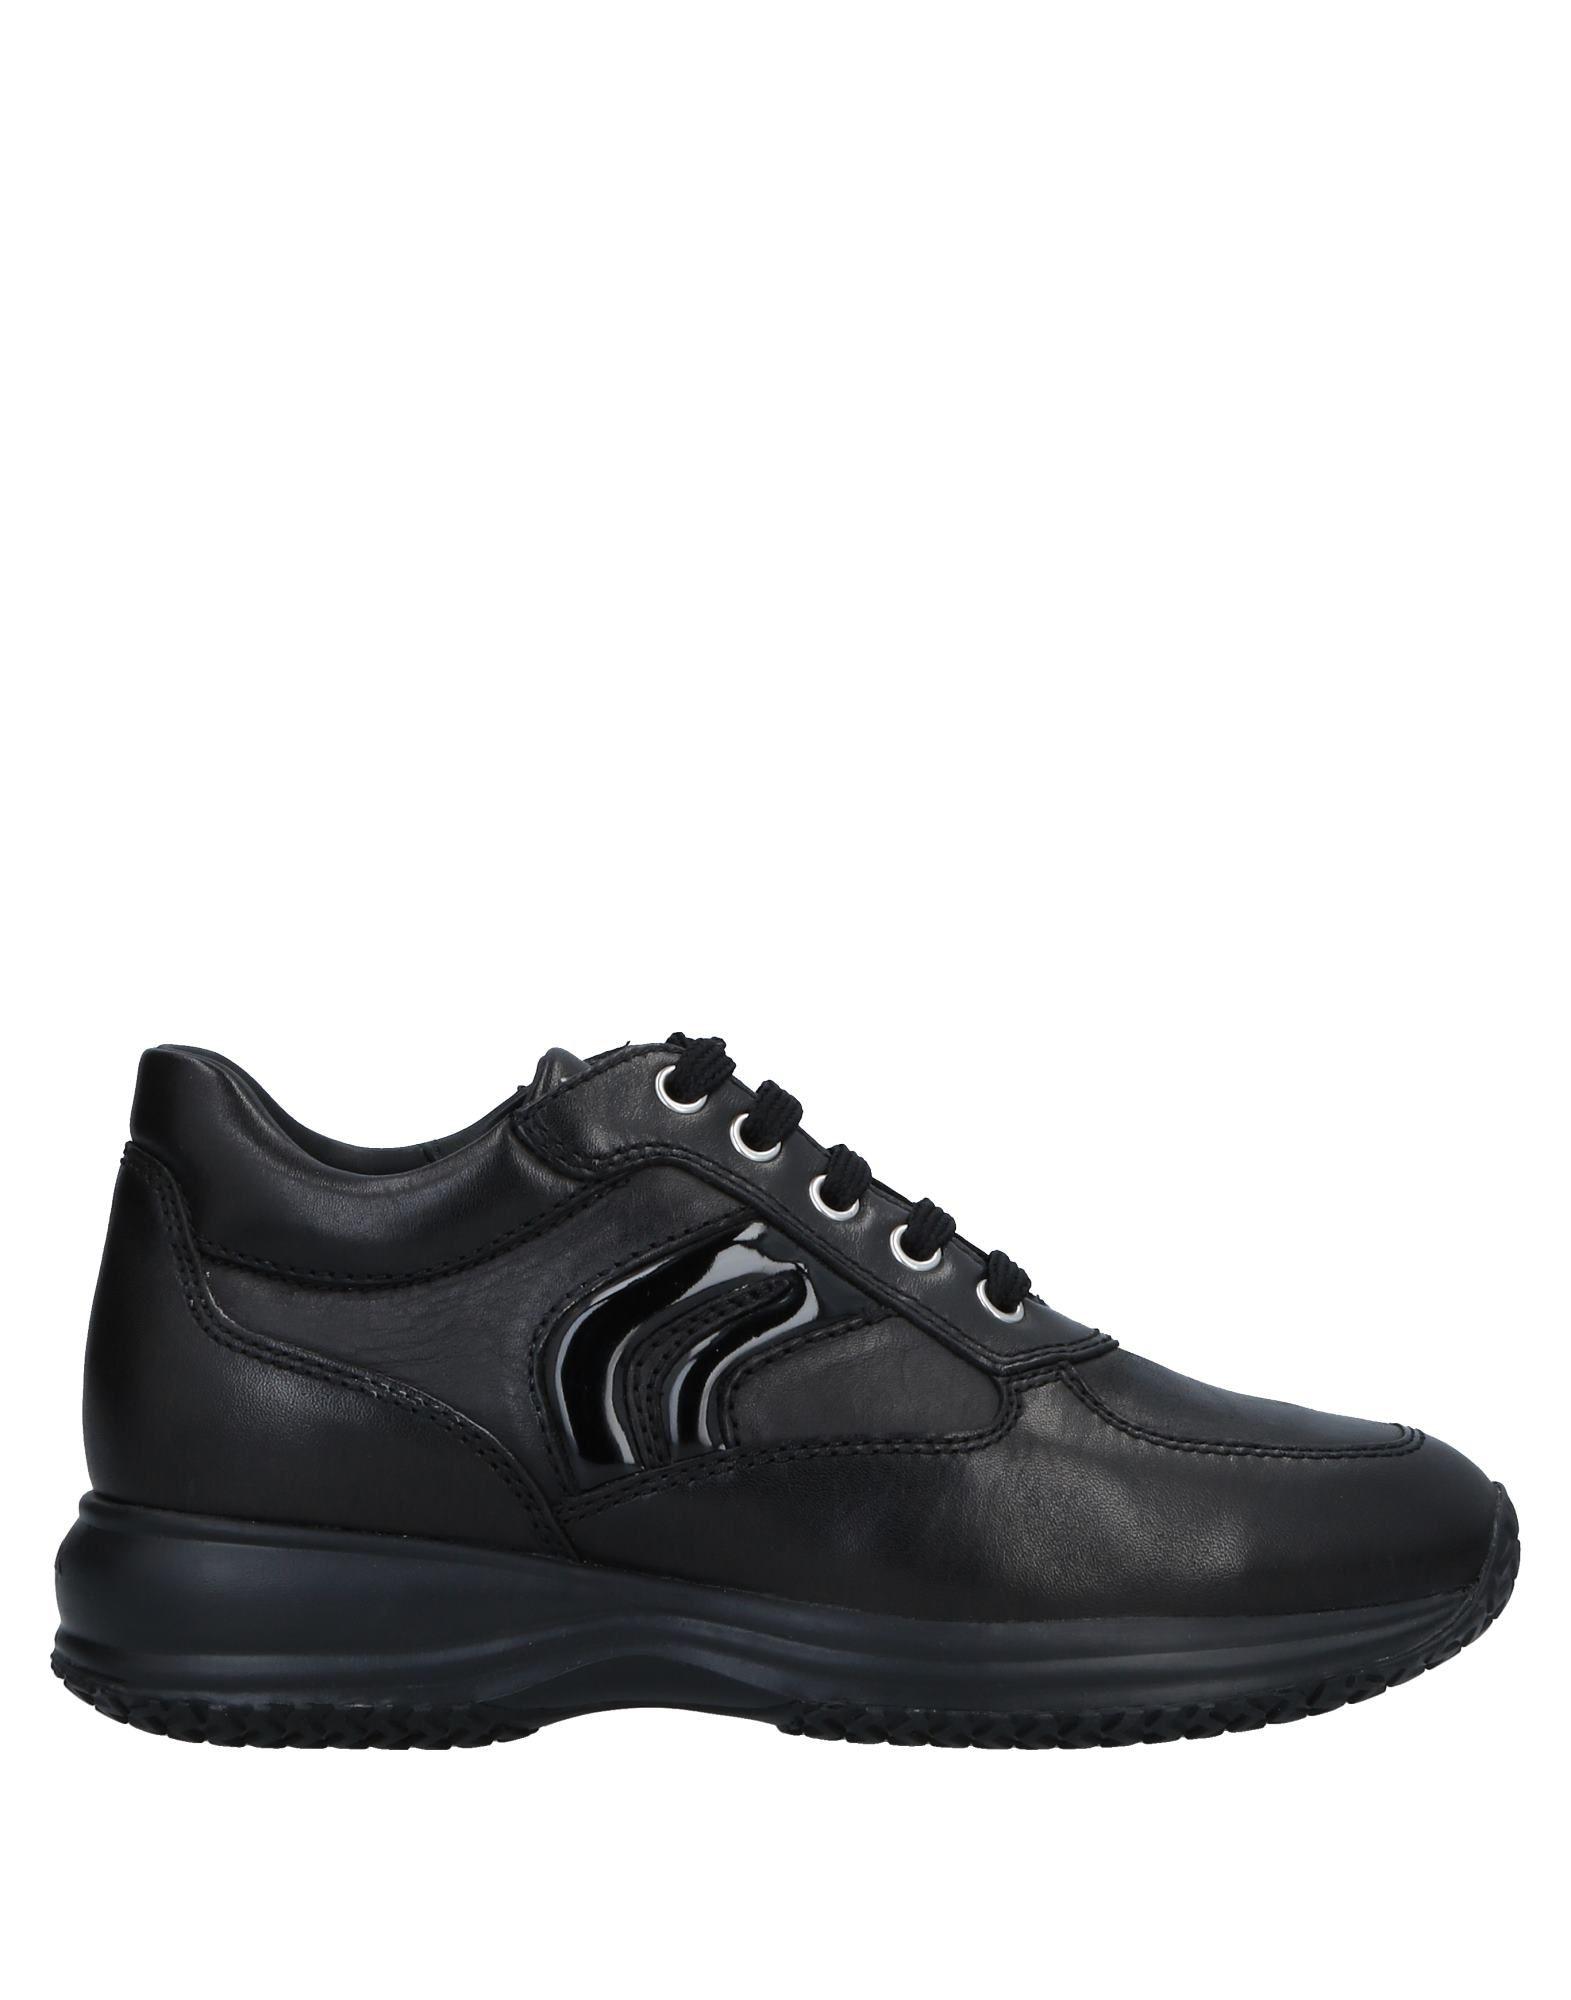 Scarpe economiche e resistenti Sneakers Geox Donna - 11521475NS